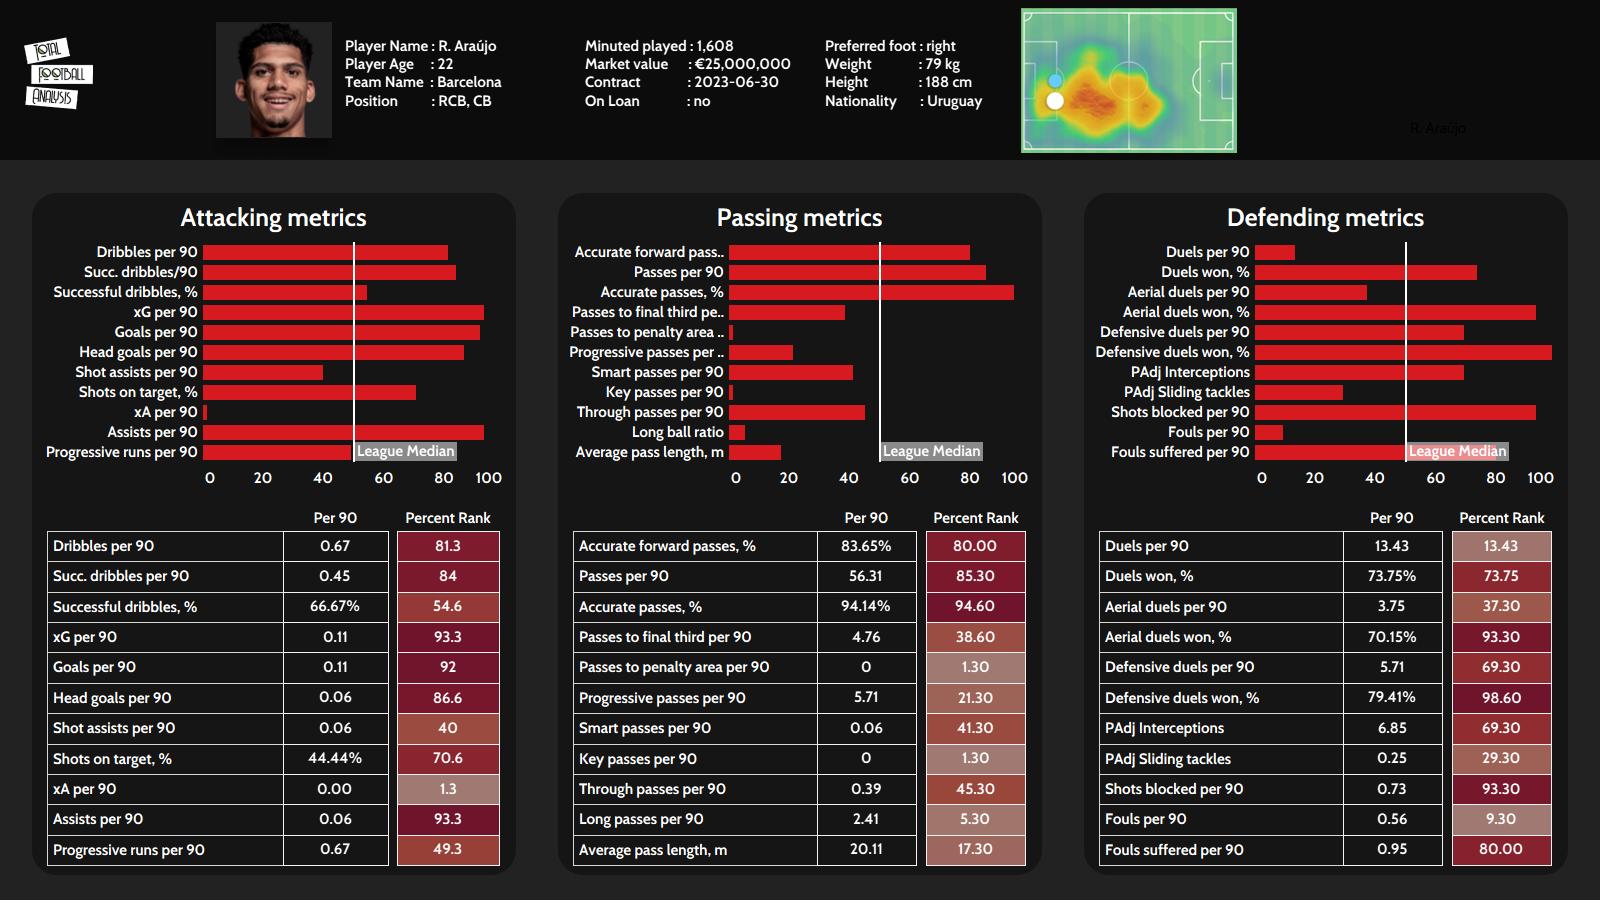 Ronald Araujo 2020/21 - scout report - tactical analysis - tactics